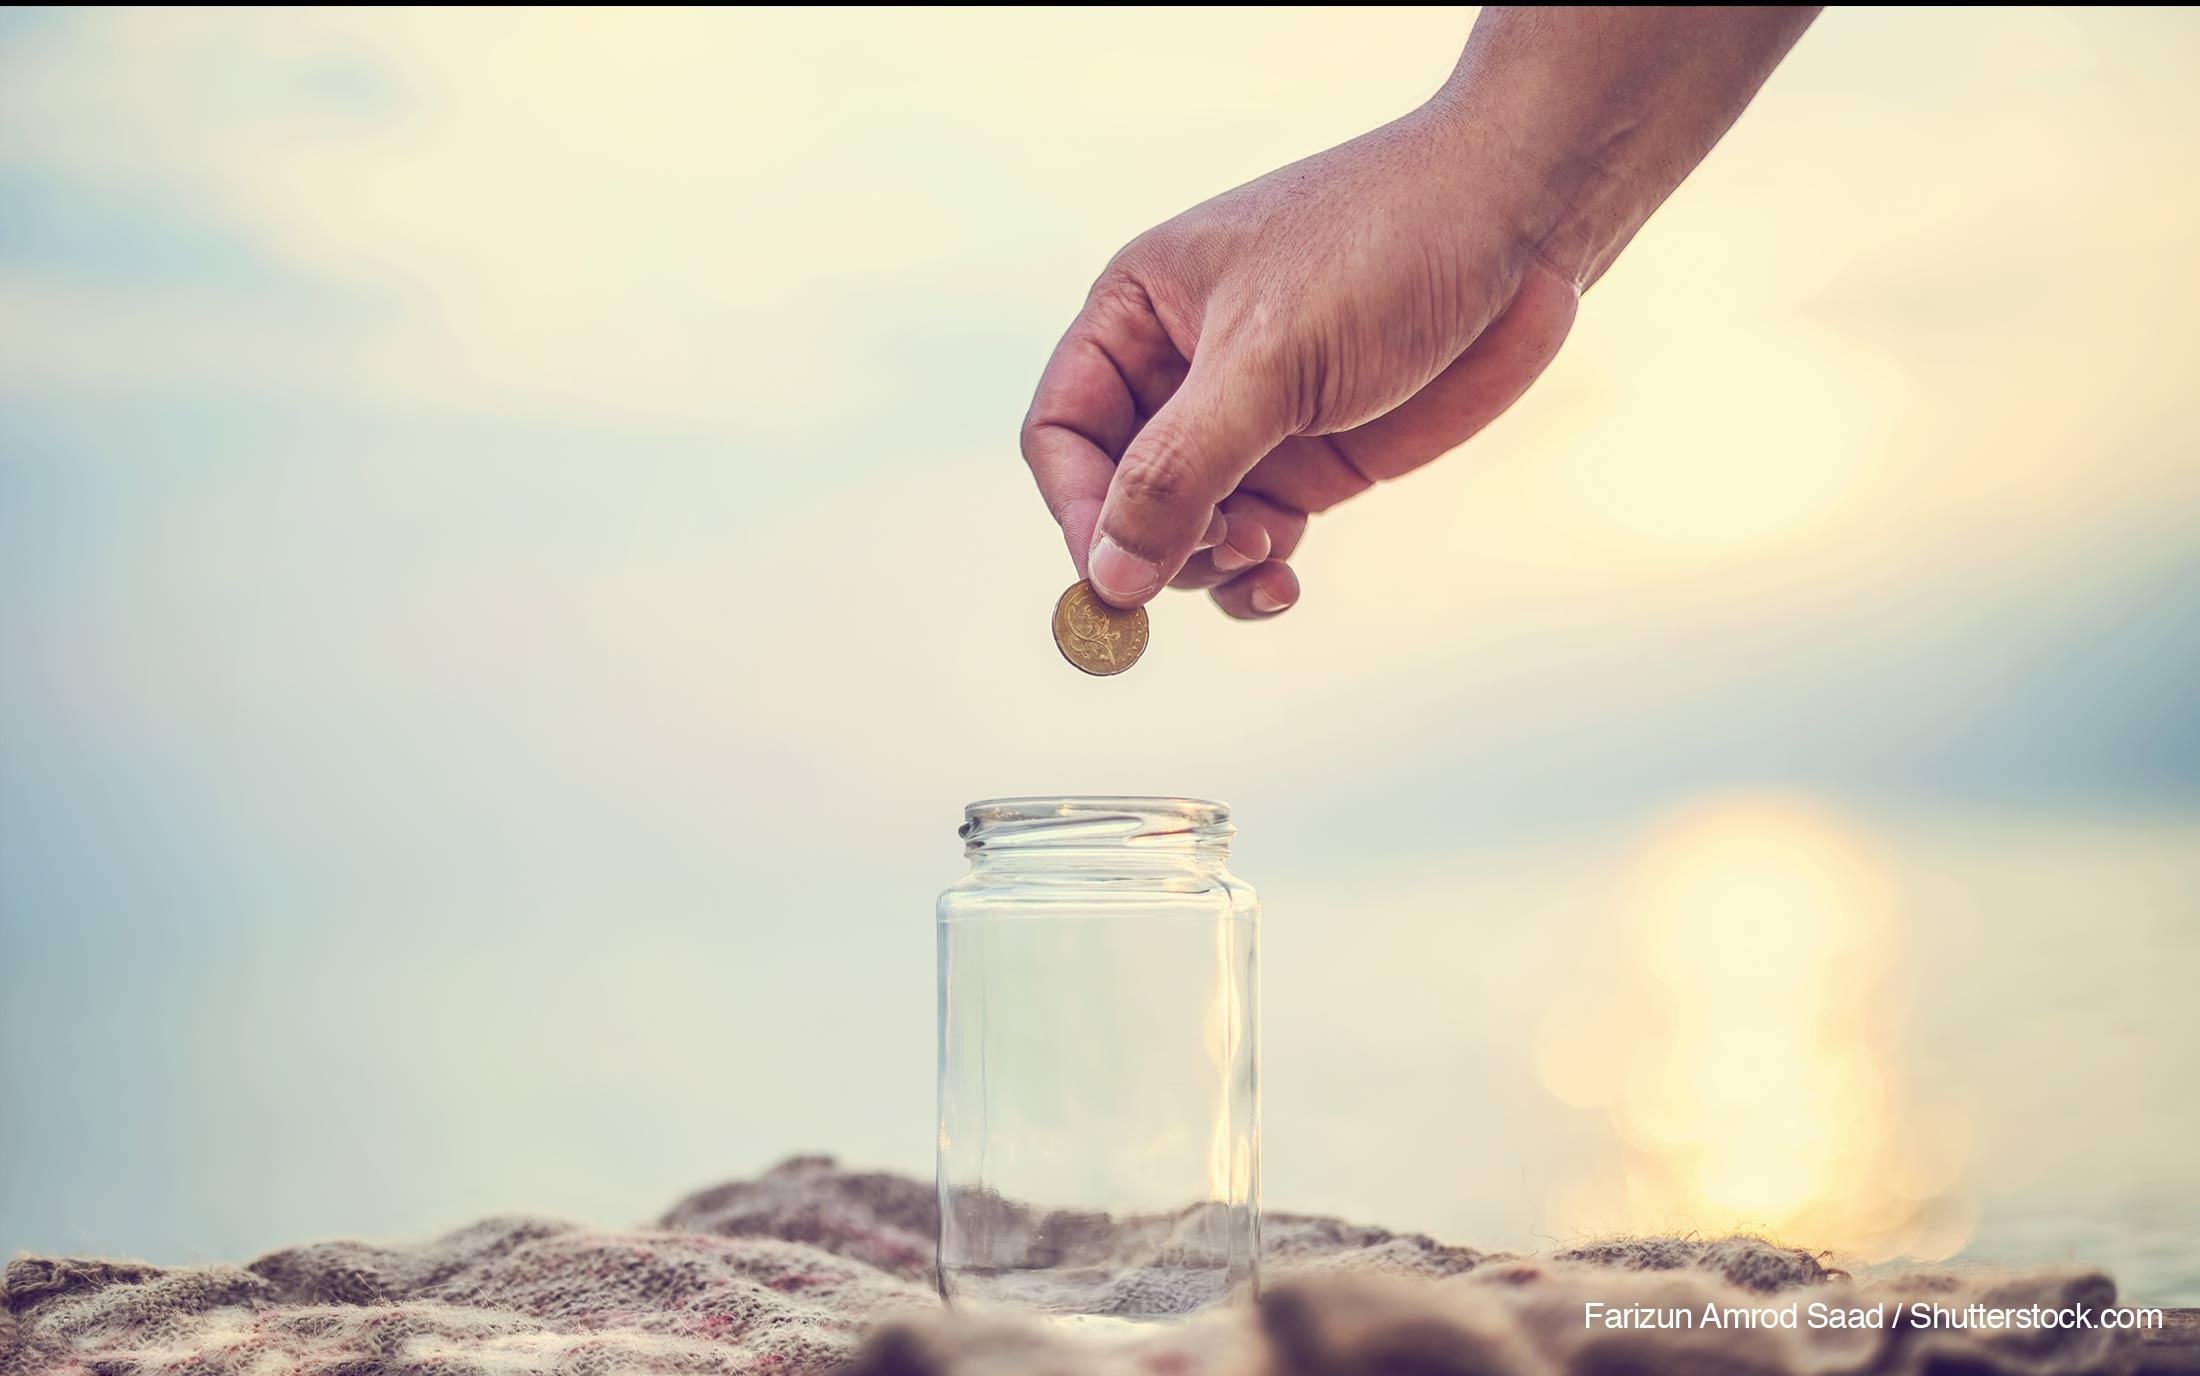 delaying savings start